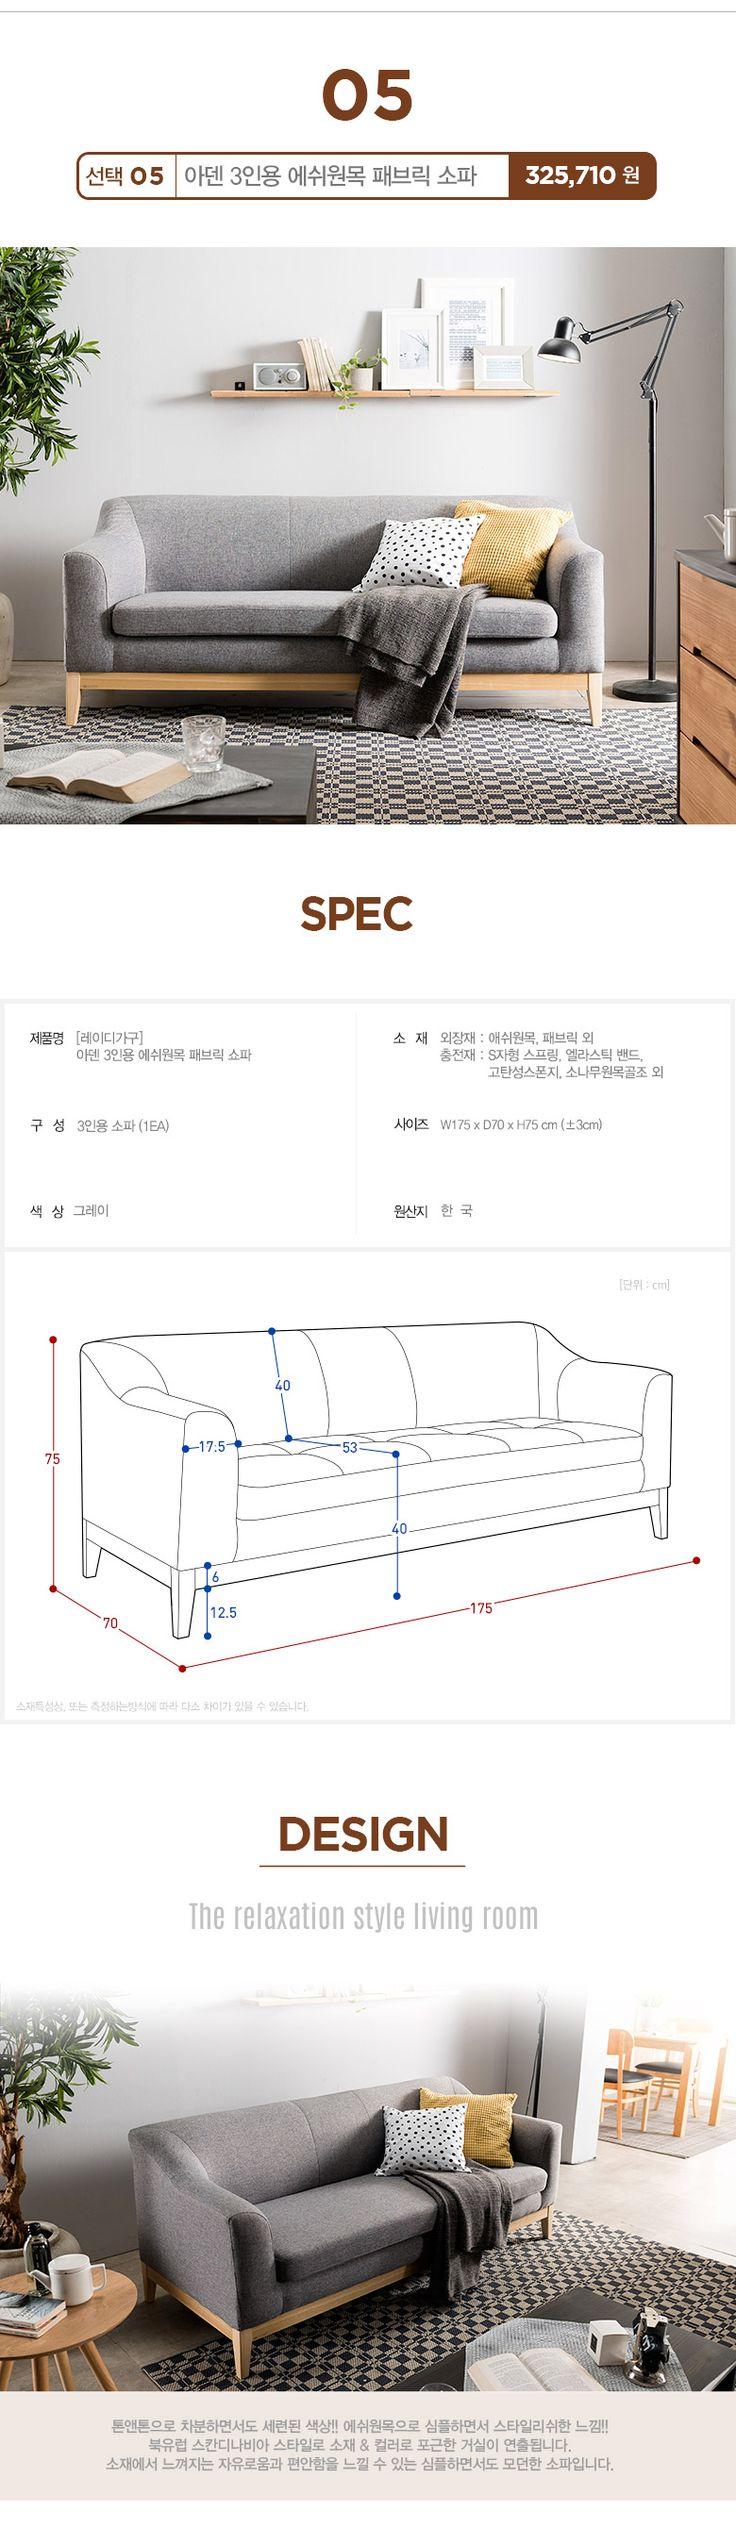 [레이디가구] 3인 패브릭/가죽 원목 소파 시리즈 - GS SHOP